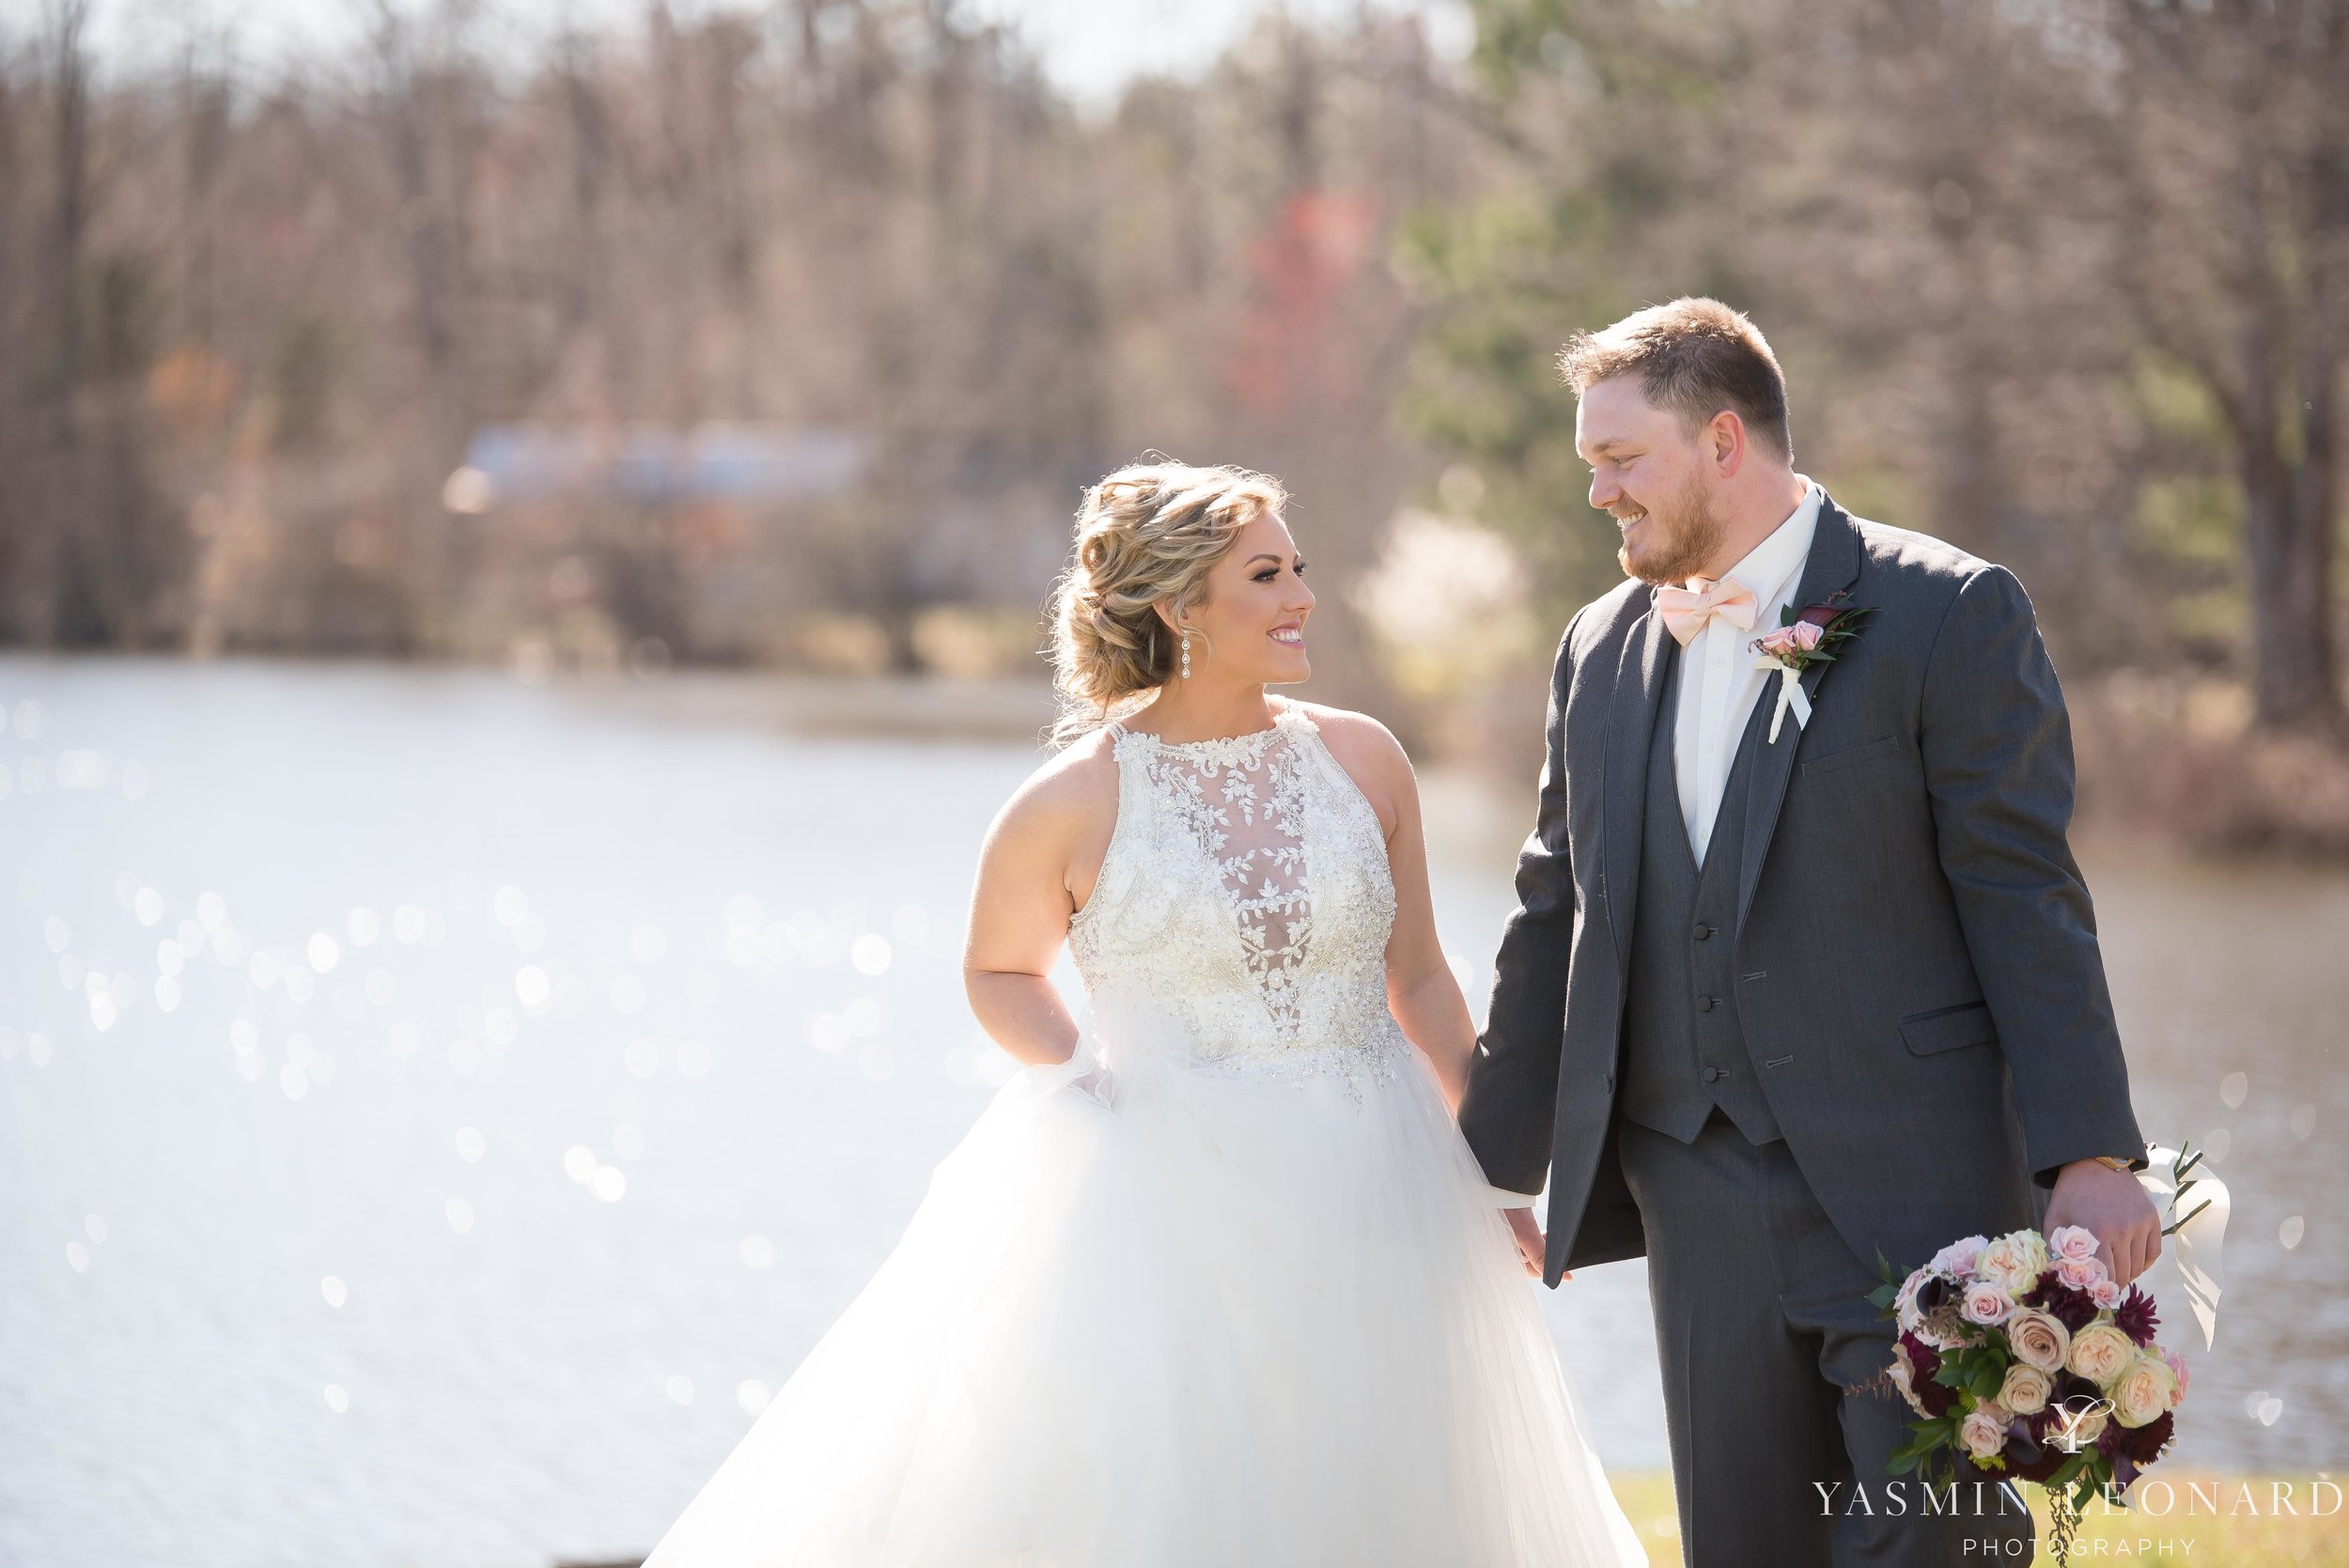 Millikan Farms - Millikan Farms Wedding - Sophia NC Wedding - NC Wedding - NC Wedding Photographer - Yasmin Leonard Photography - High Point Photographer - Barn Wedding - Wedding Venues in NC - Triad Wedding Photographer-32.jpg